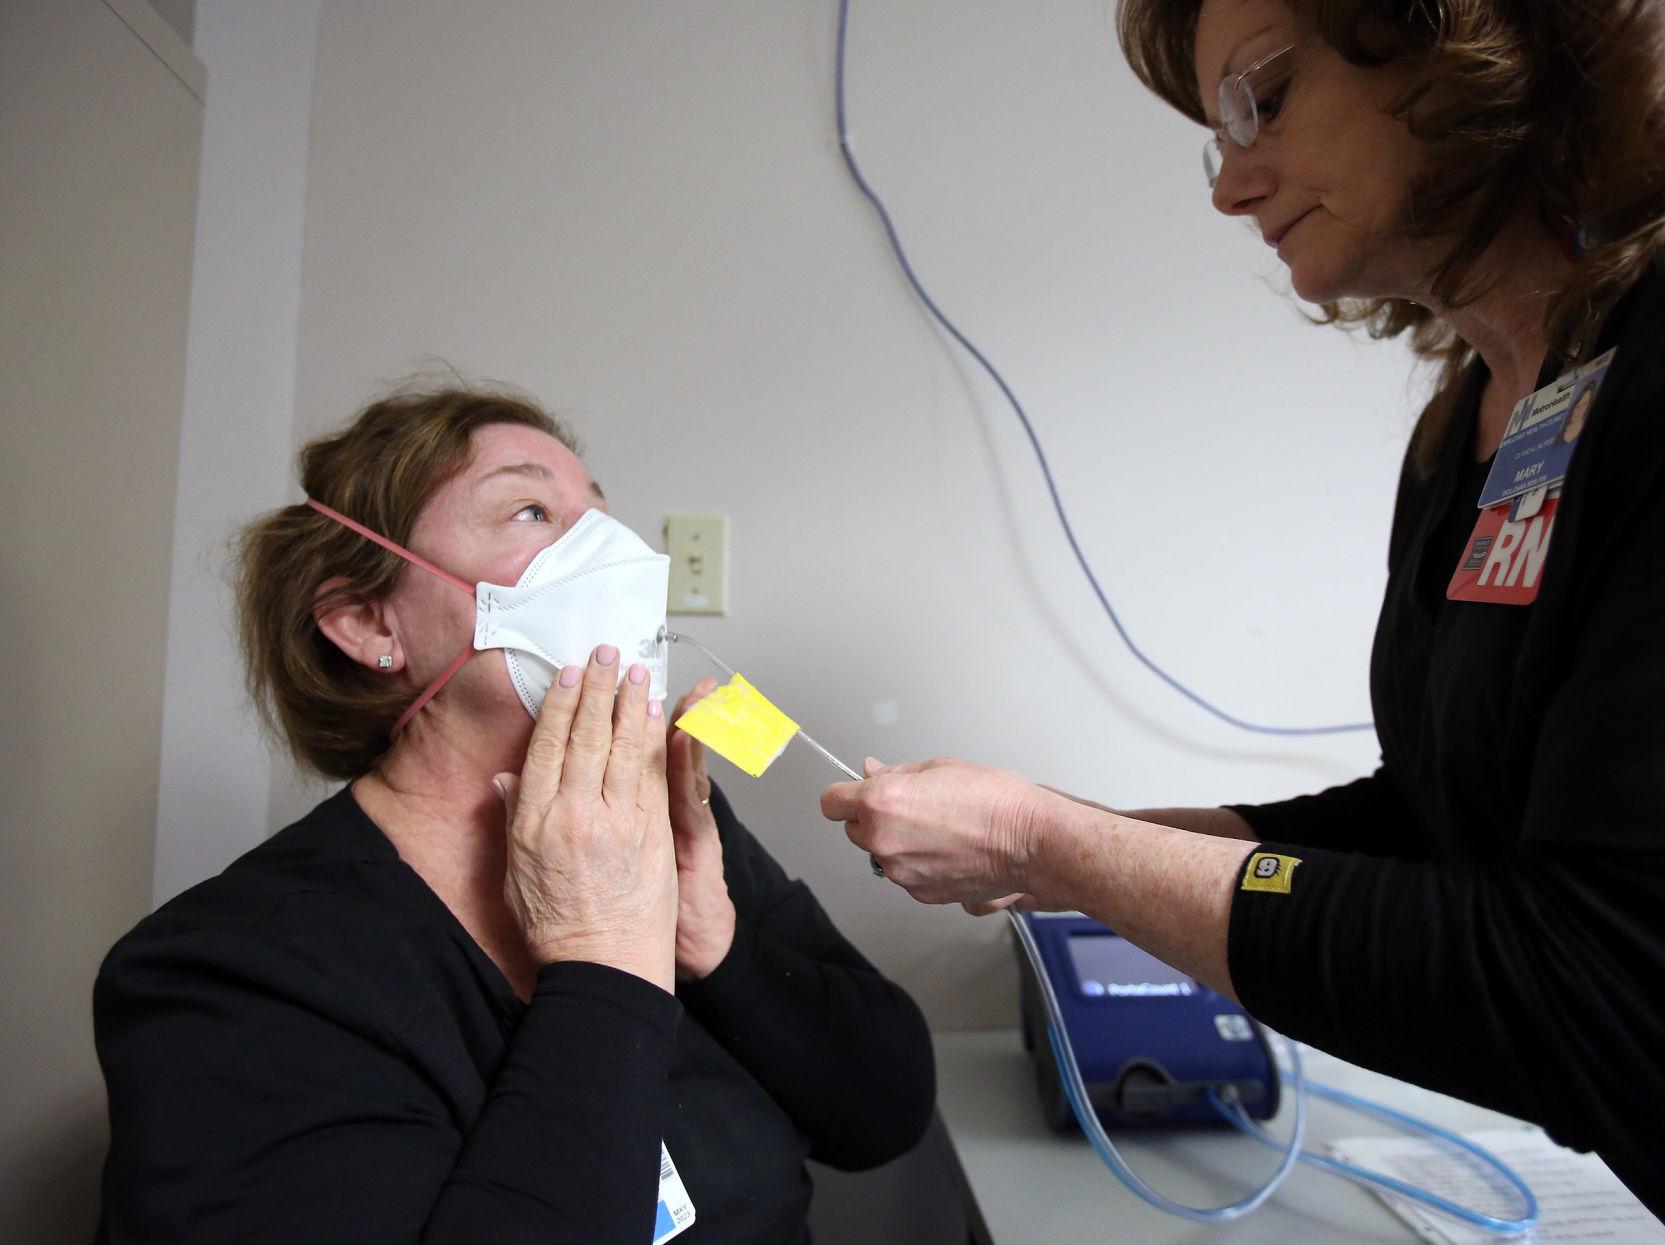 masque 3m coronavirus